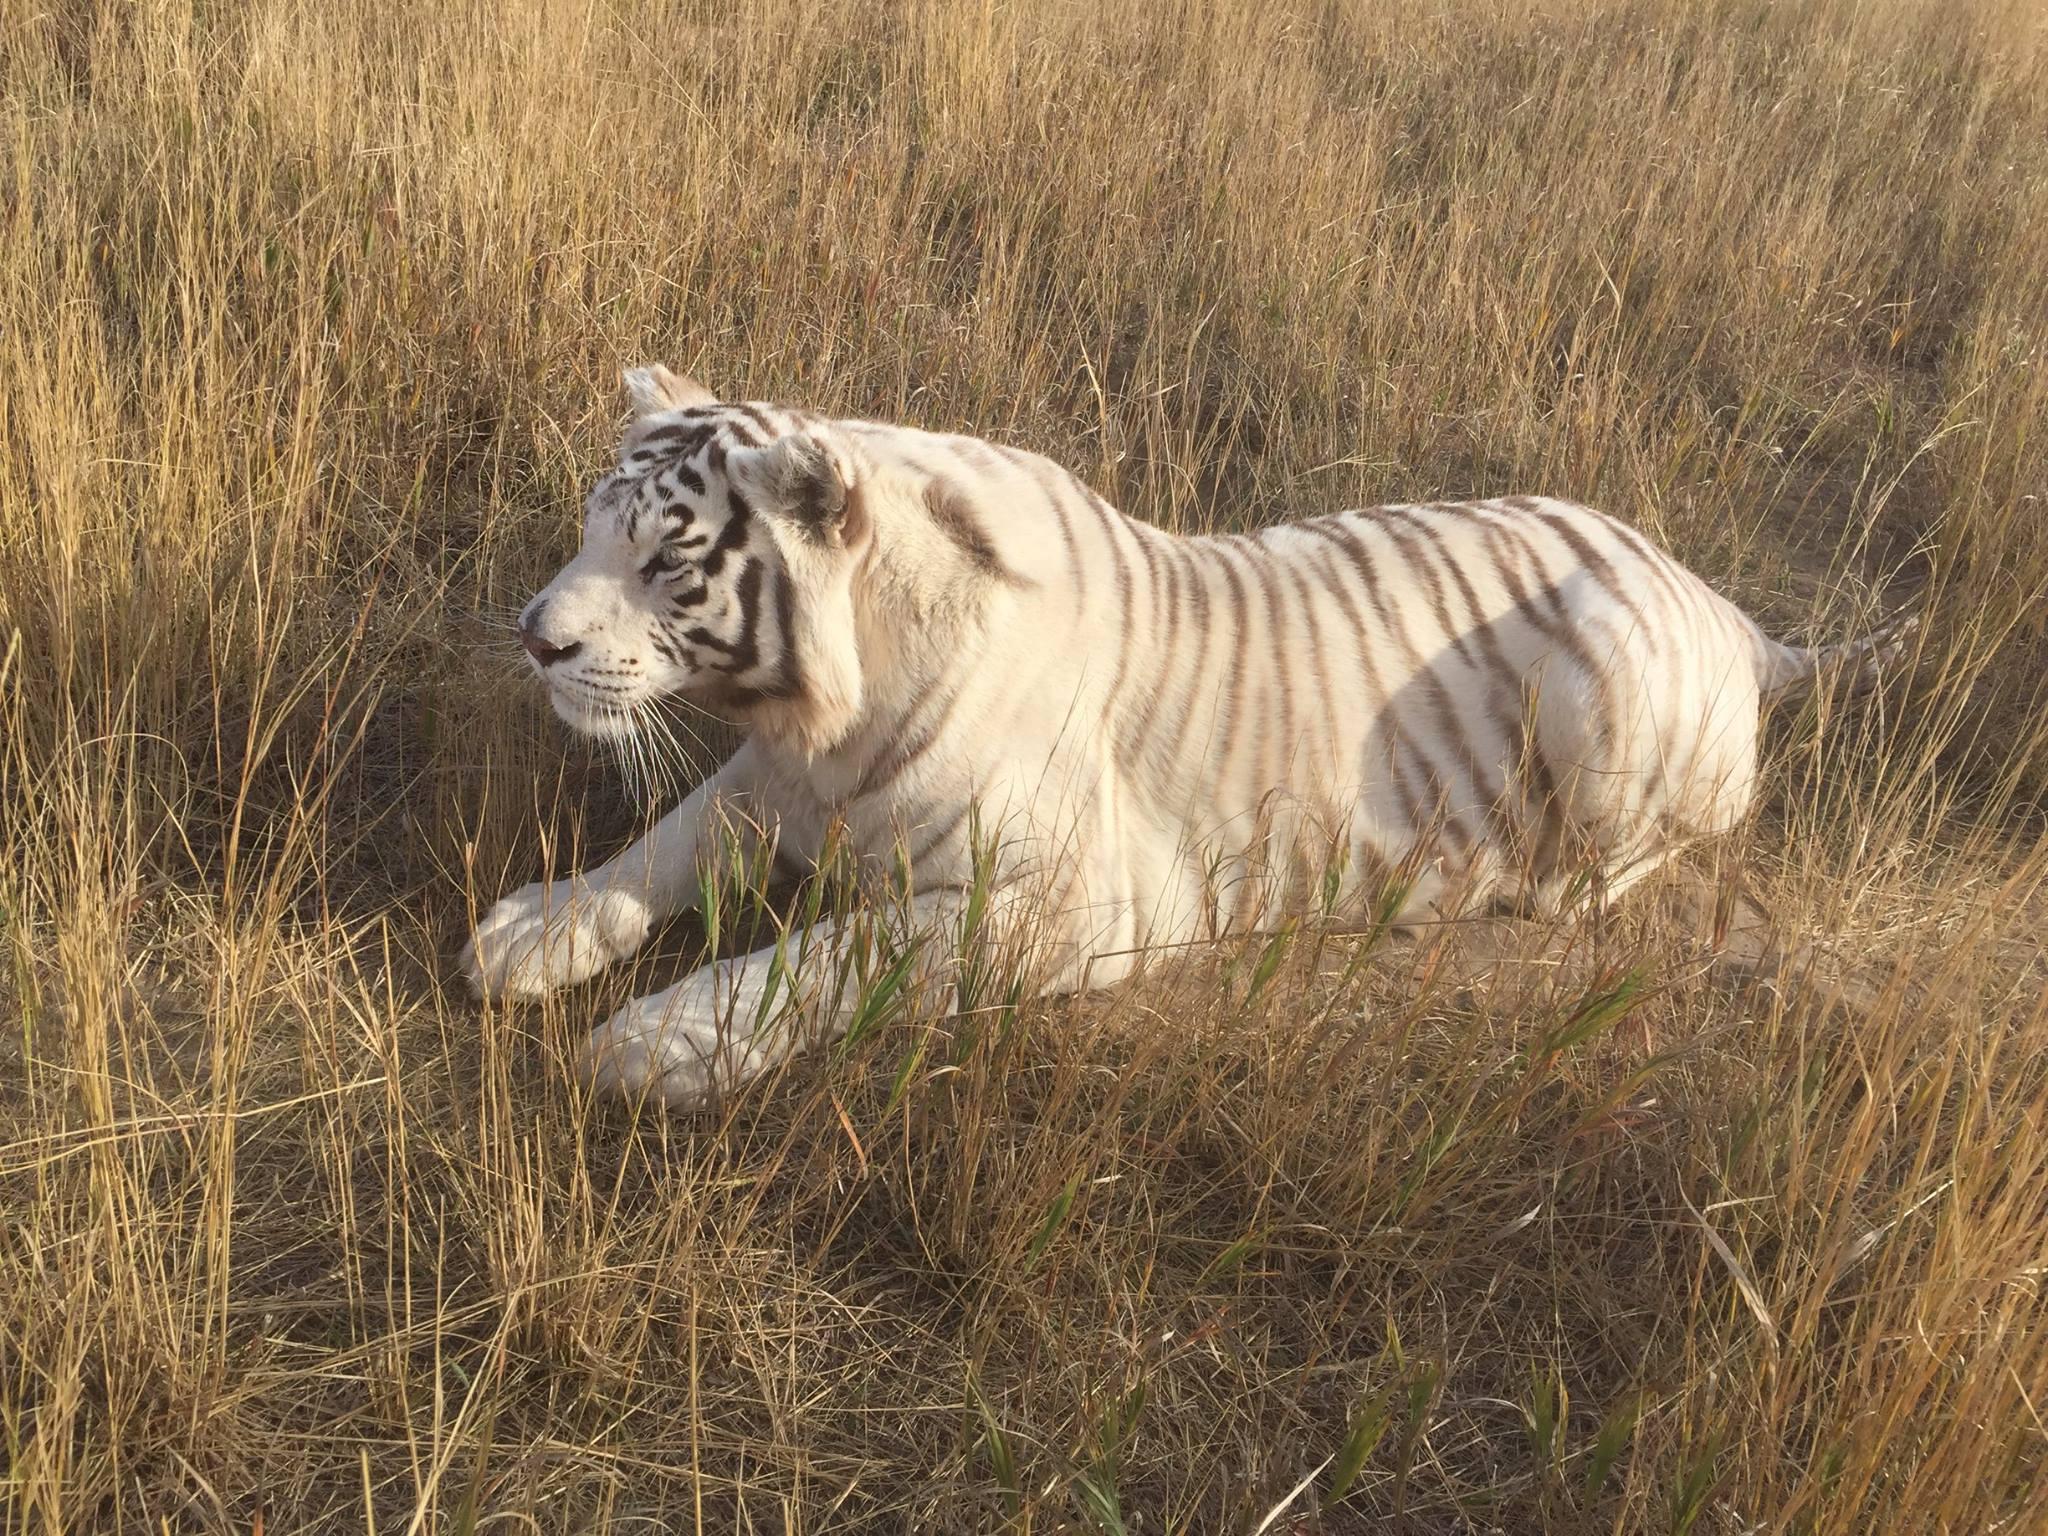 tiger timara The Wild Animal Sanctuary facebook